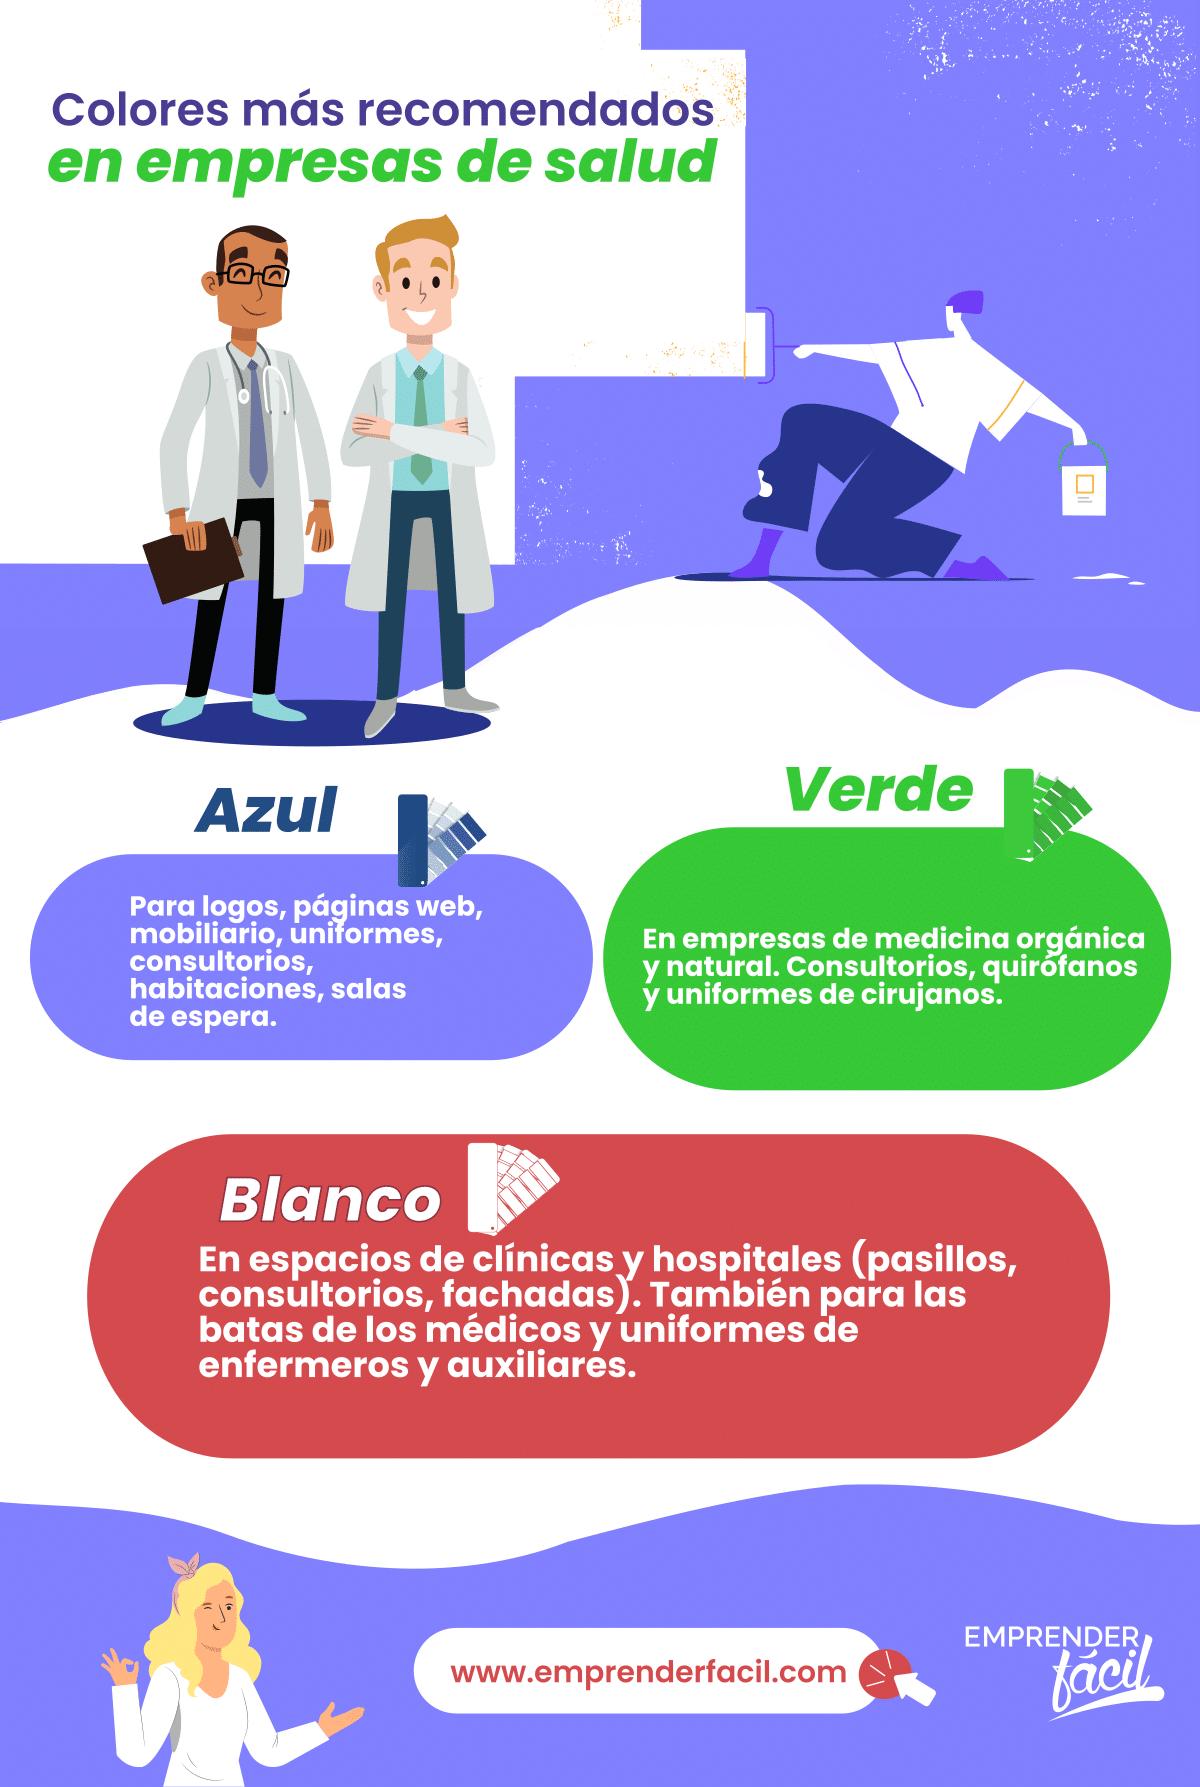 Colores recomendados para el sector salud